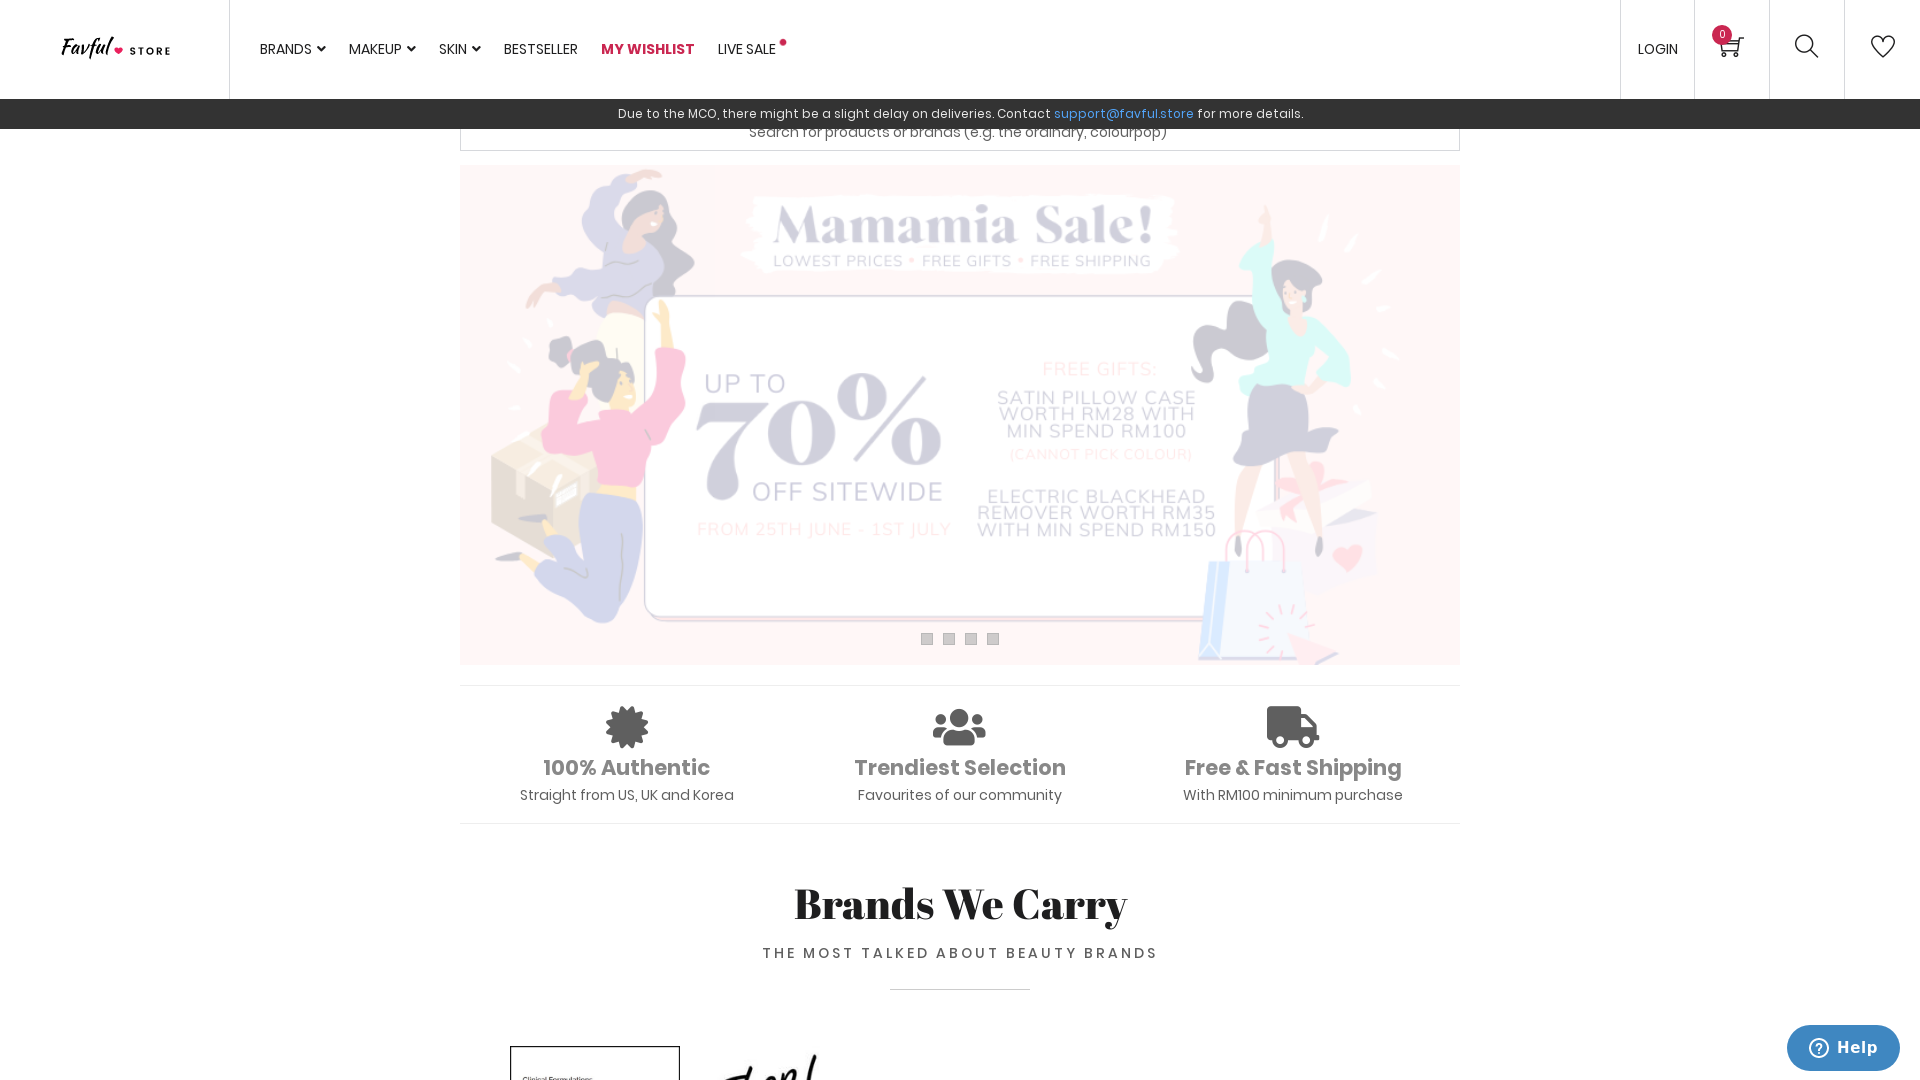 Favful website